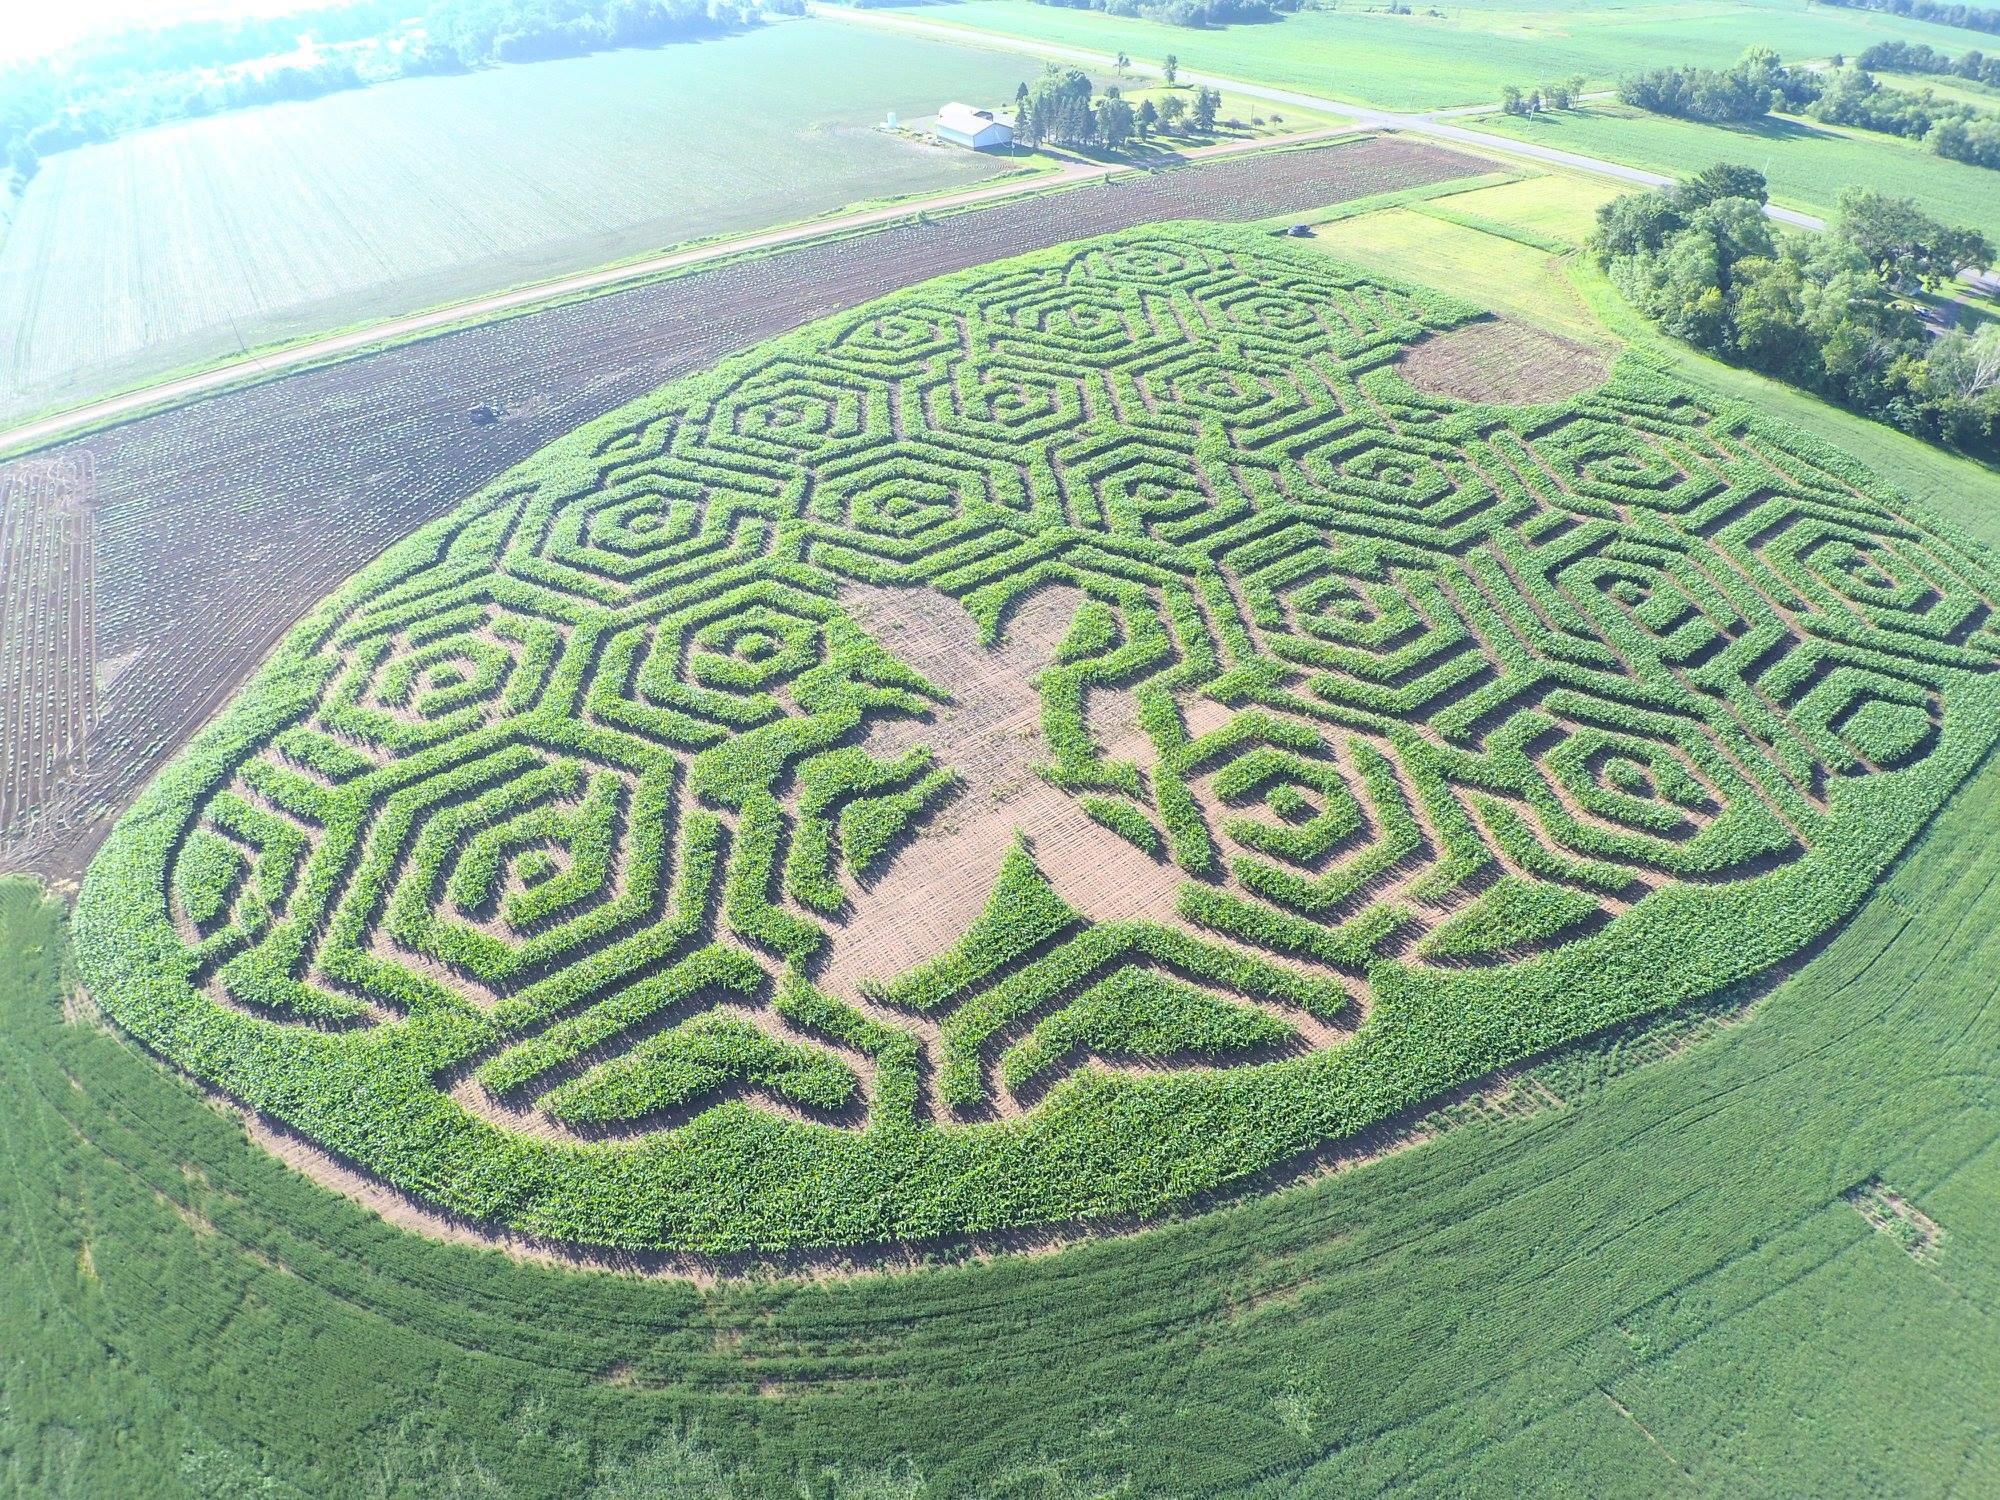 Beehive corn maze